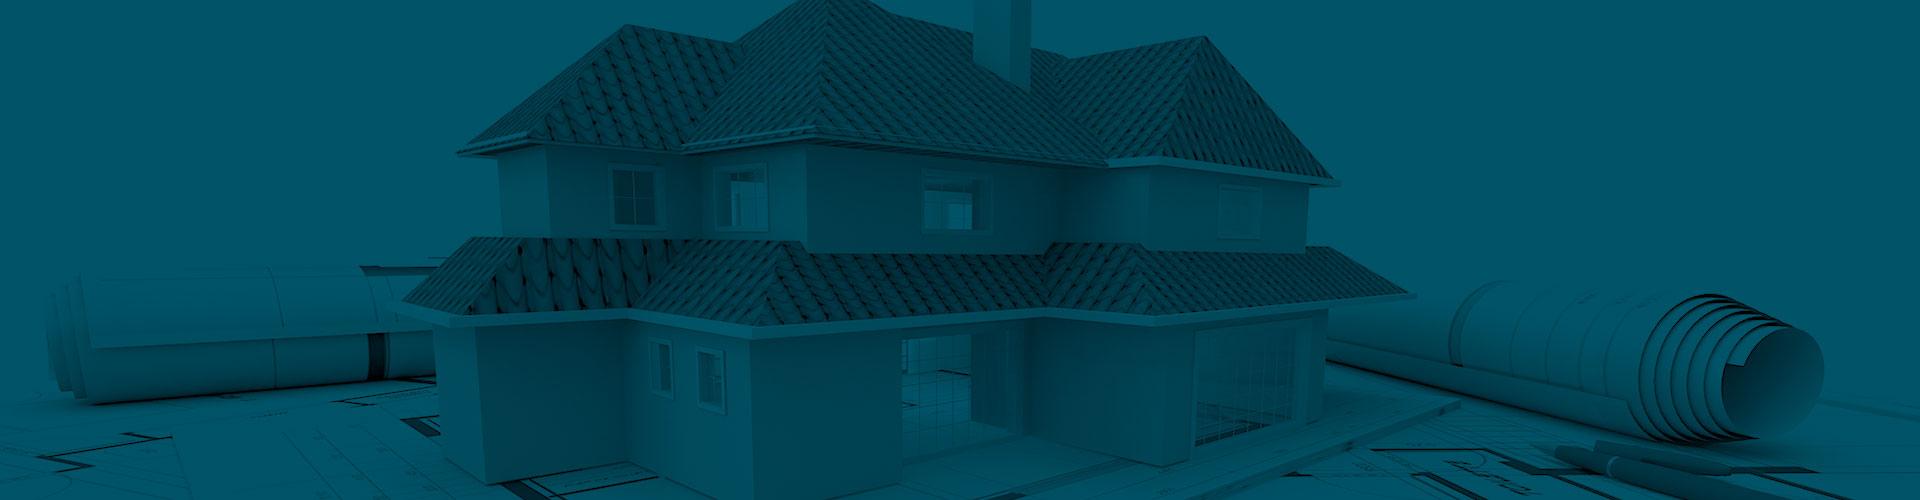 immobilien kaufen in bochum ruhrgebiet und mehr bollmann gruppe. Black Bedroom Furniture Sets. Home Design Ideas